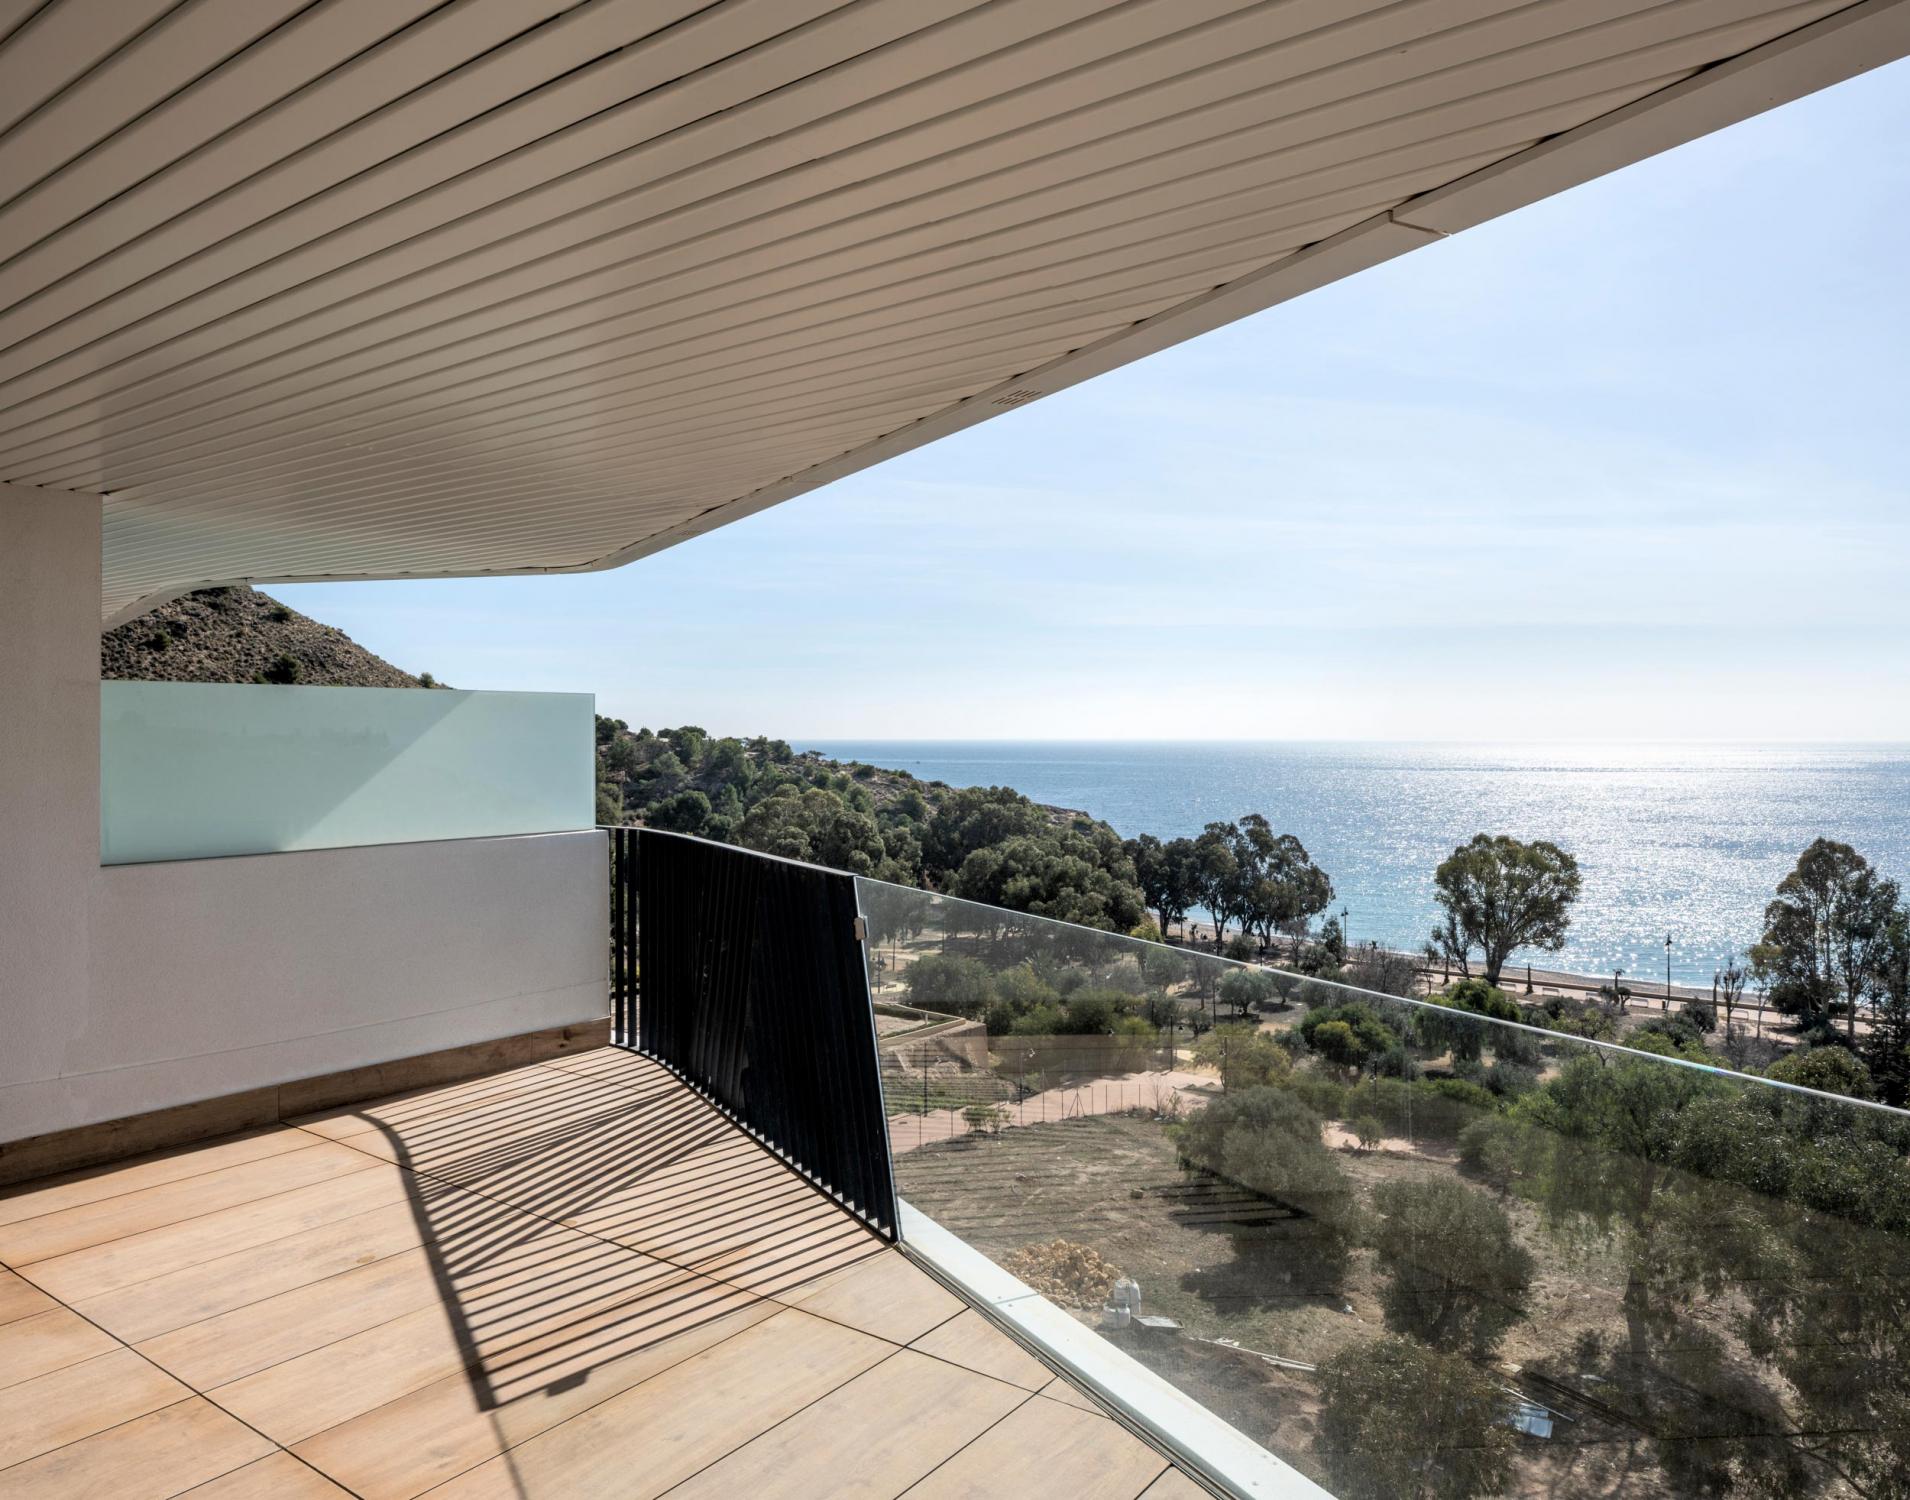 Terraza de Allonbay Village con visuales hacia el mar Mediterráneo y Torre de Hércules, Villajoyosa.